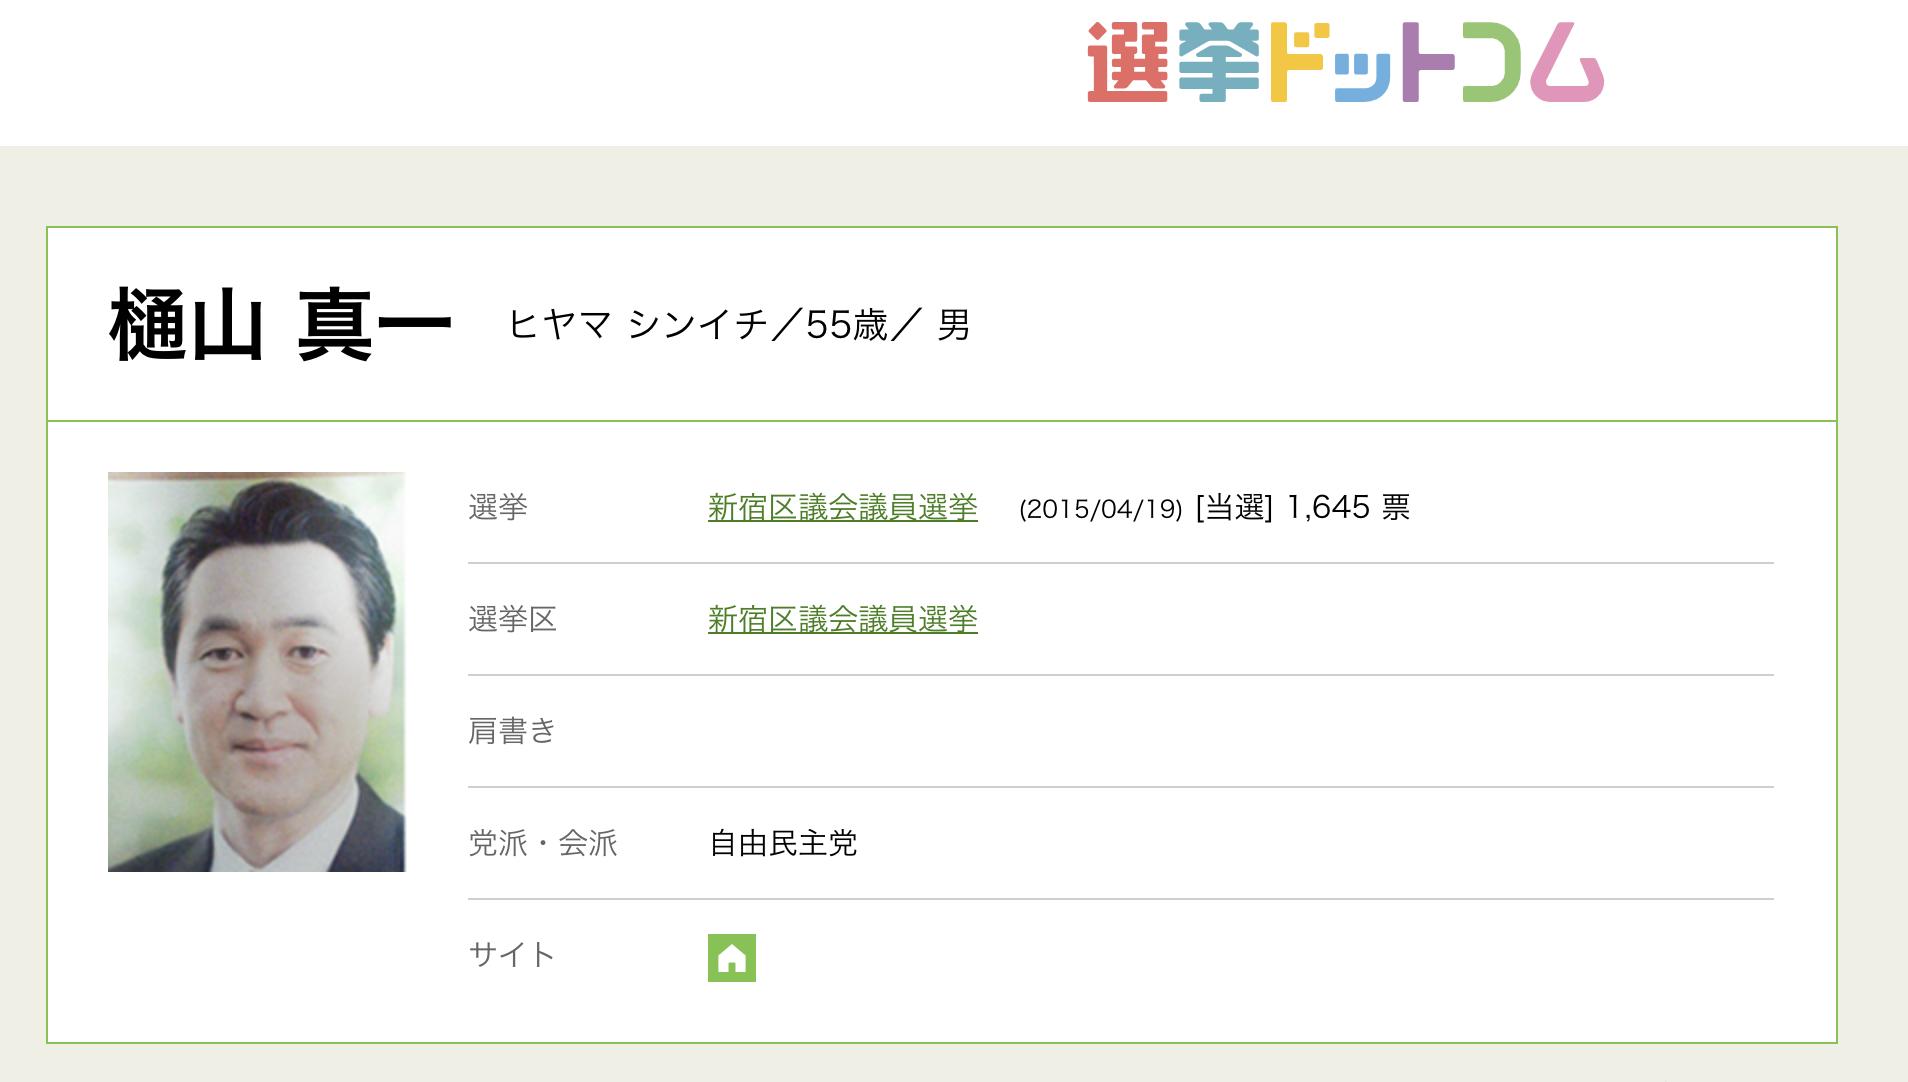 樋山真一(シンイチ)のSUBARU ver.50(スバル)の特定商取法に基づく表示